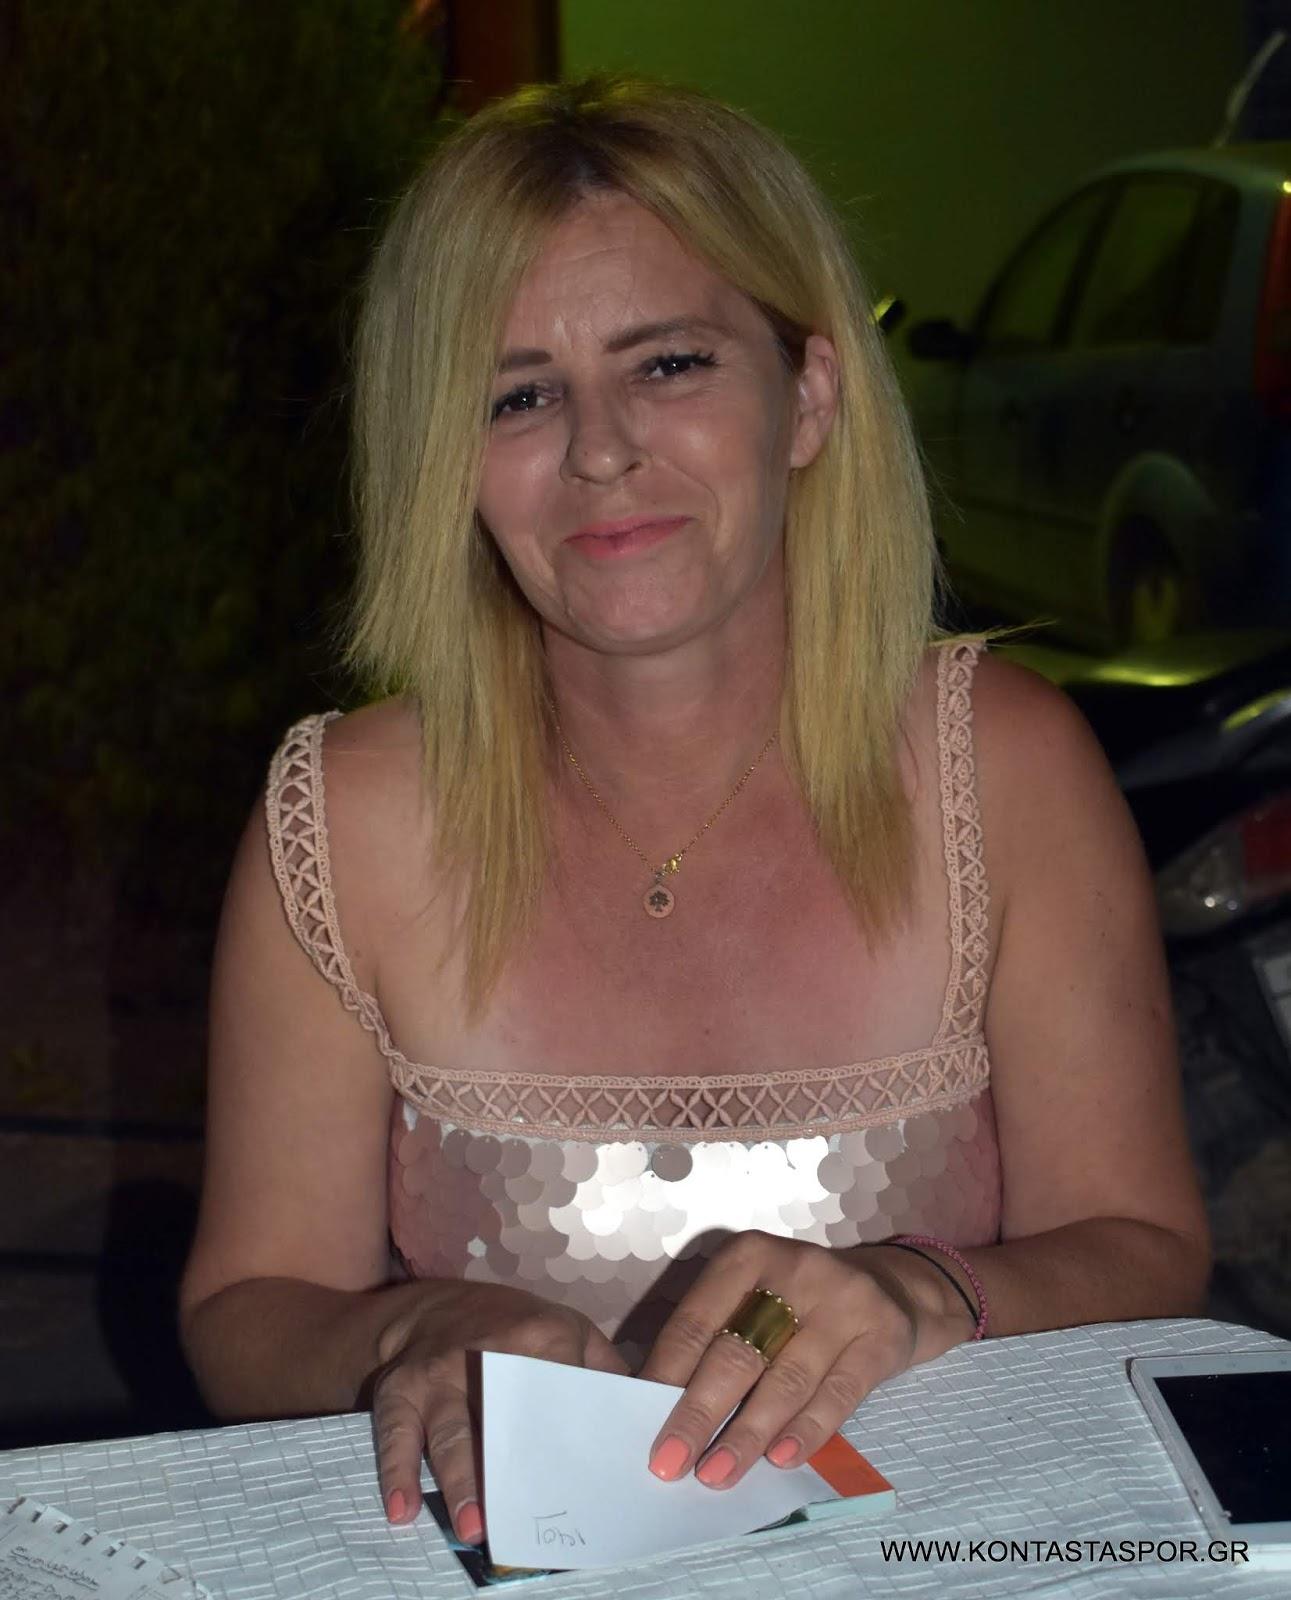 Με επιτυχία η λαική βραδιά  Αδαμαντίδη στα Ψαχνά (φωτογραφίες) 1 DSC 0008